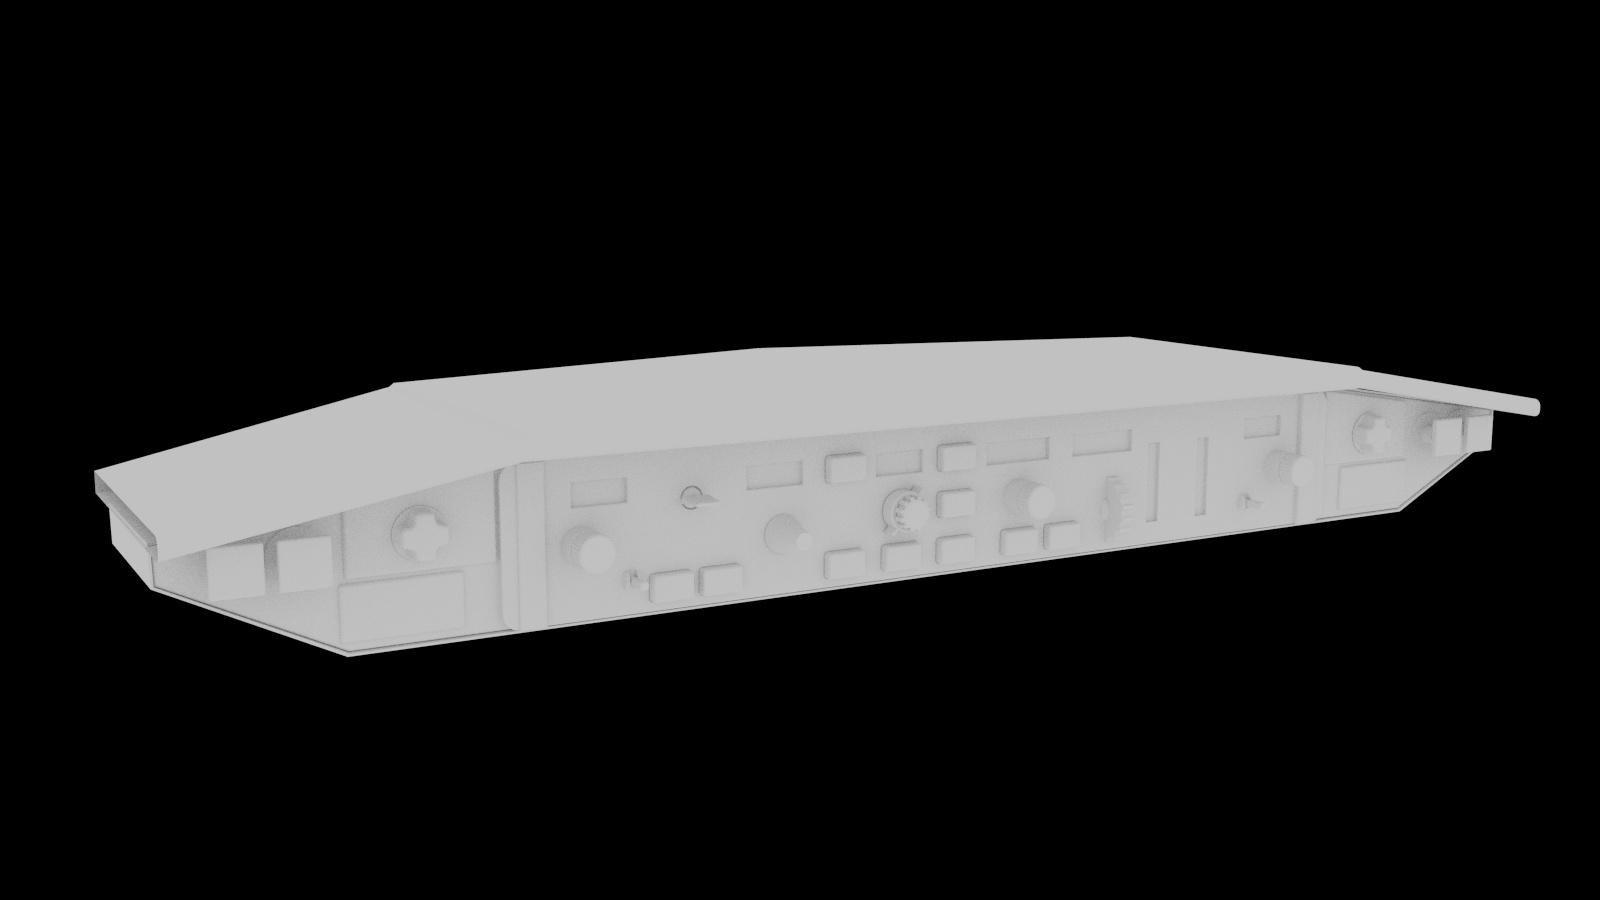 Boeing 737-300 Cockpit Project - Works in Progress - Blender